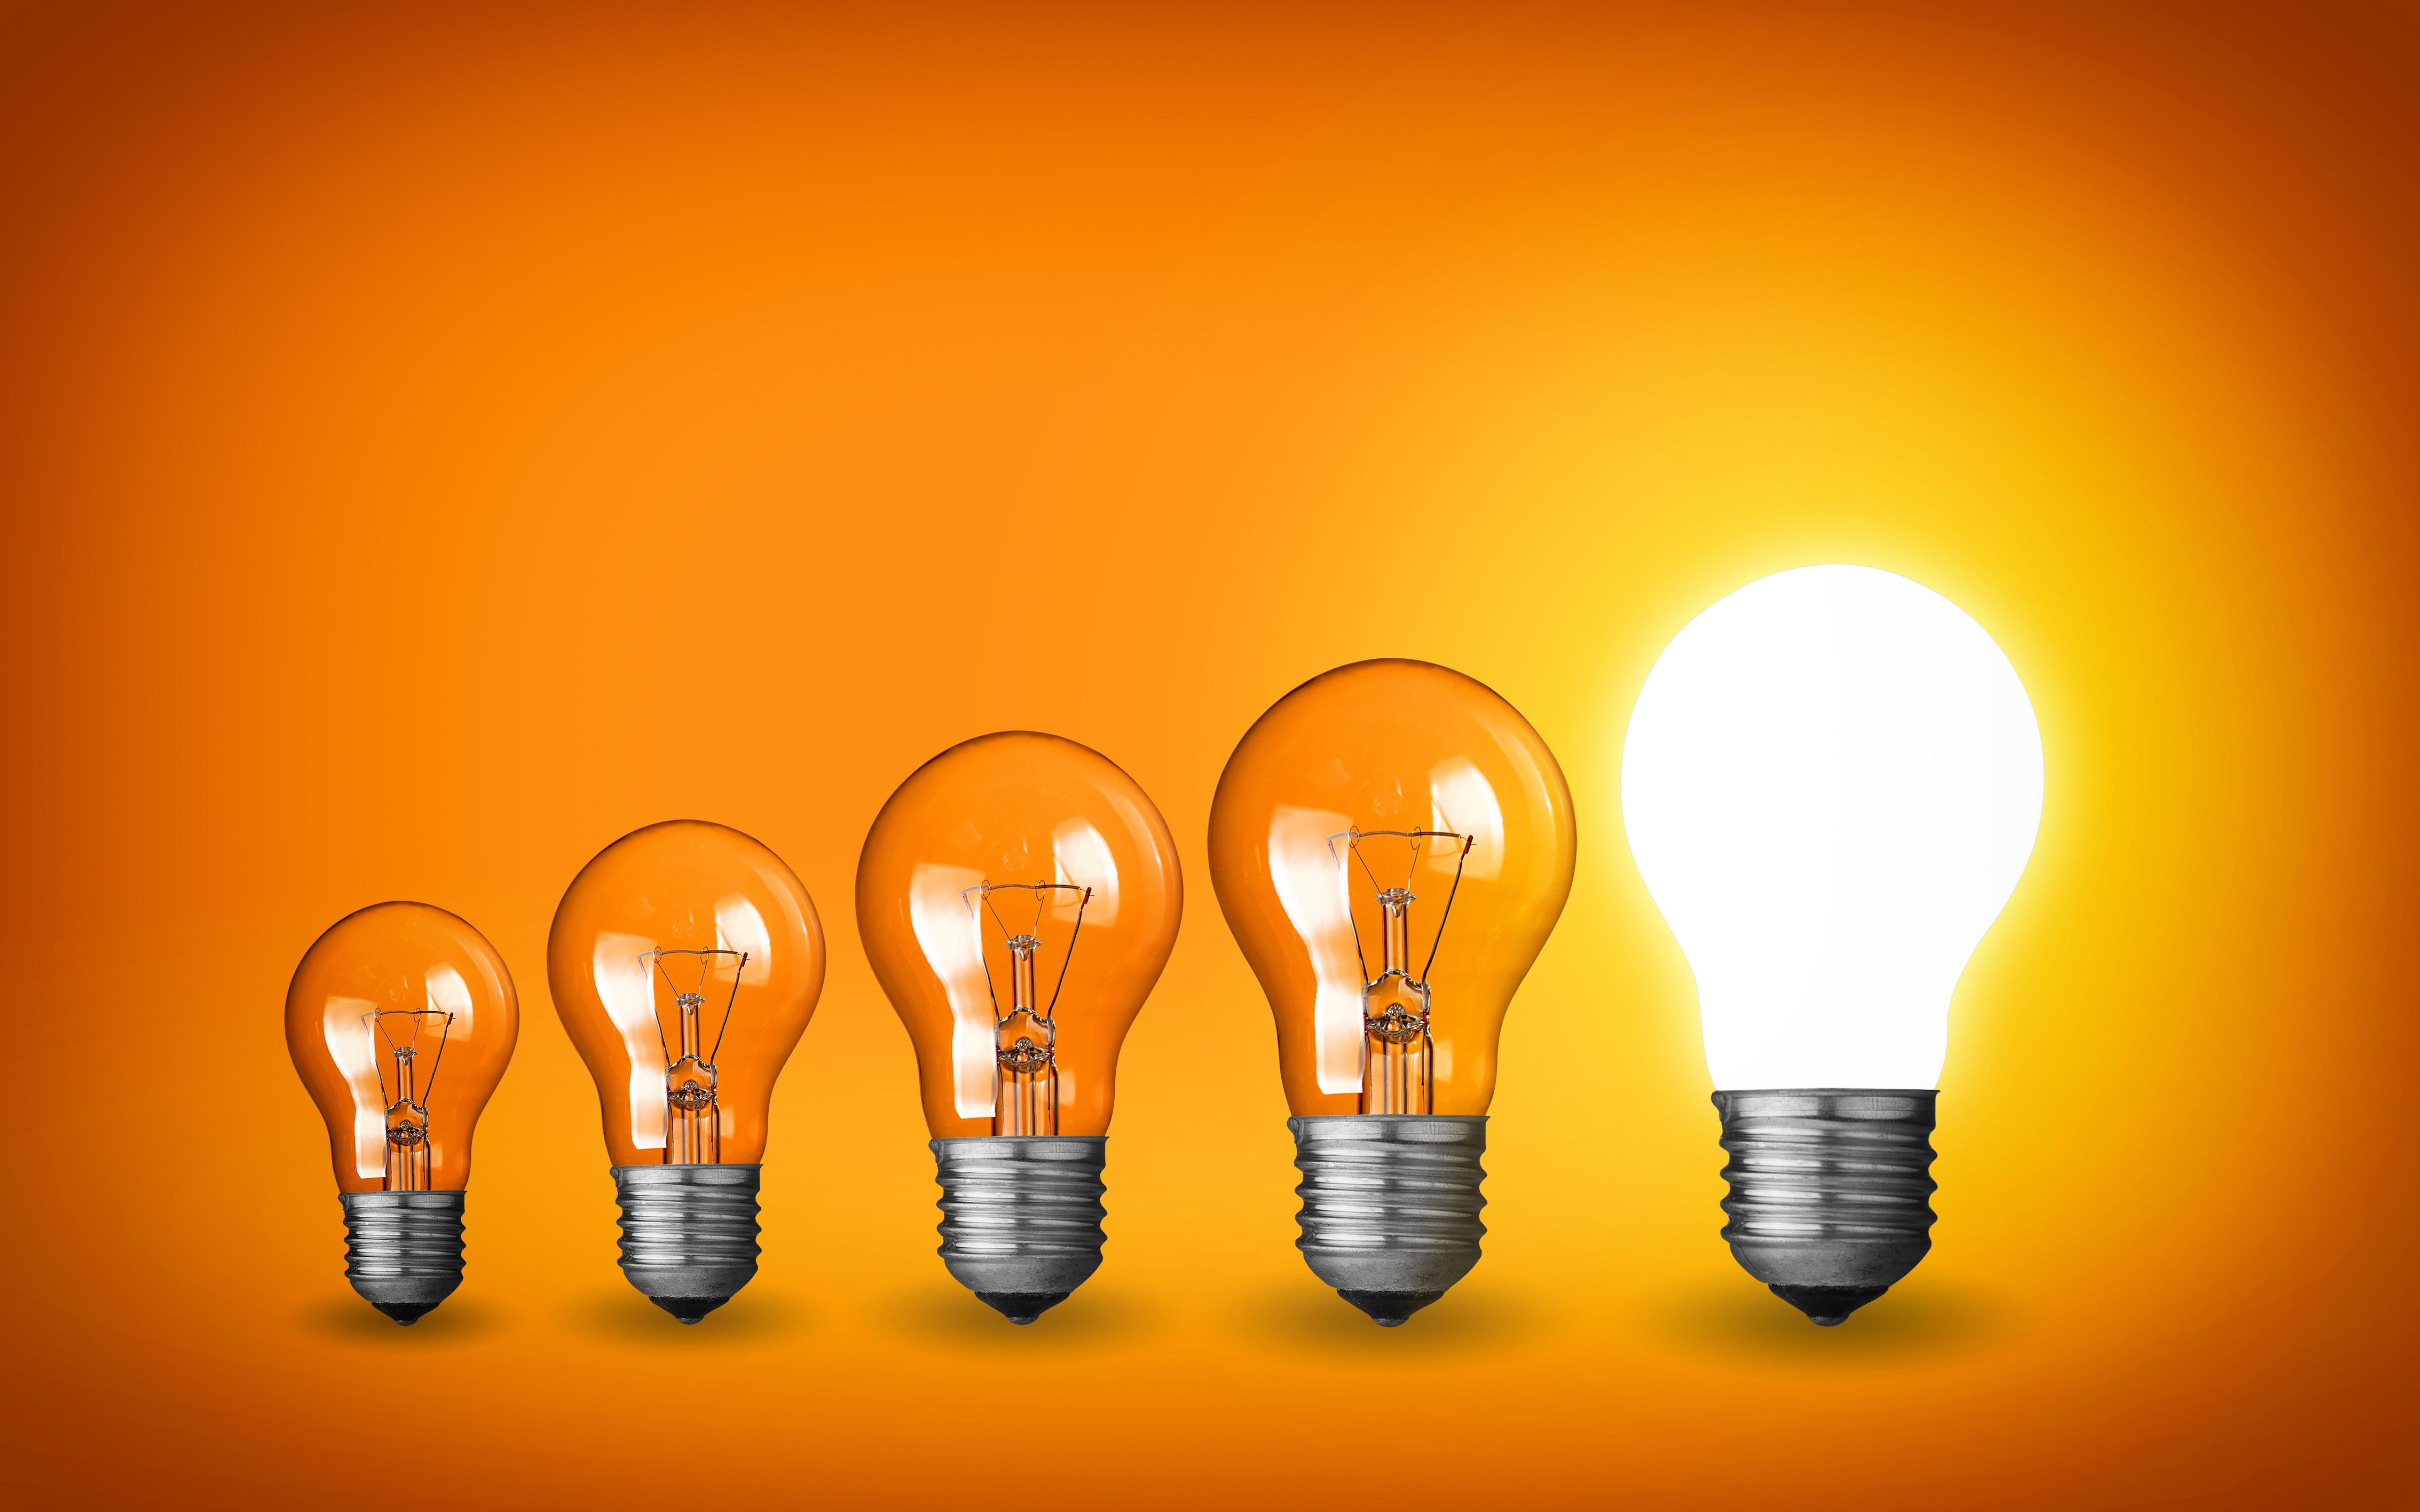 Memulai Menemukan Ide Usaha